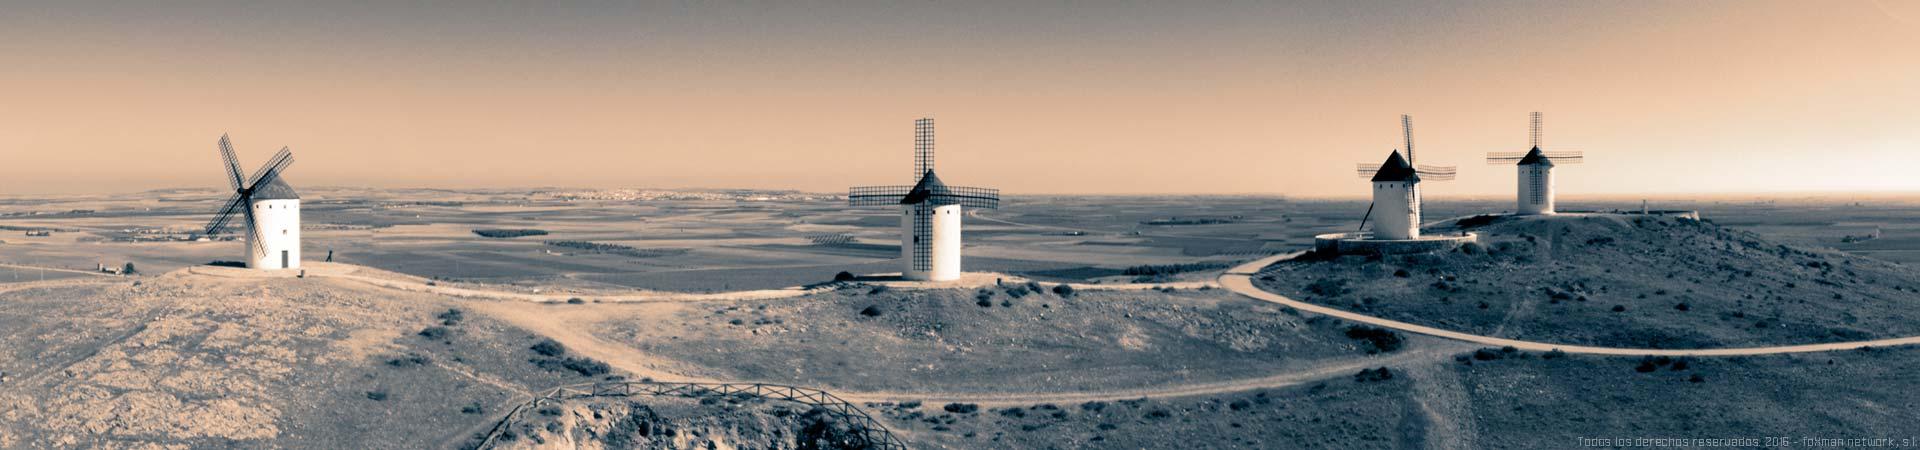 Diseño web Castilla La Mancha - Molinos de viento